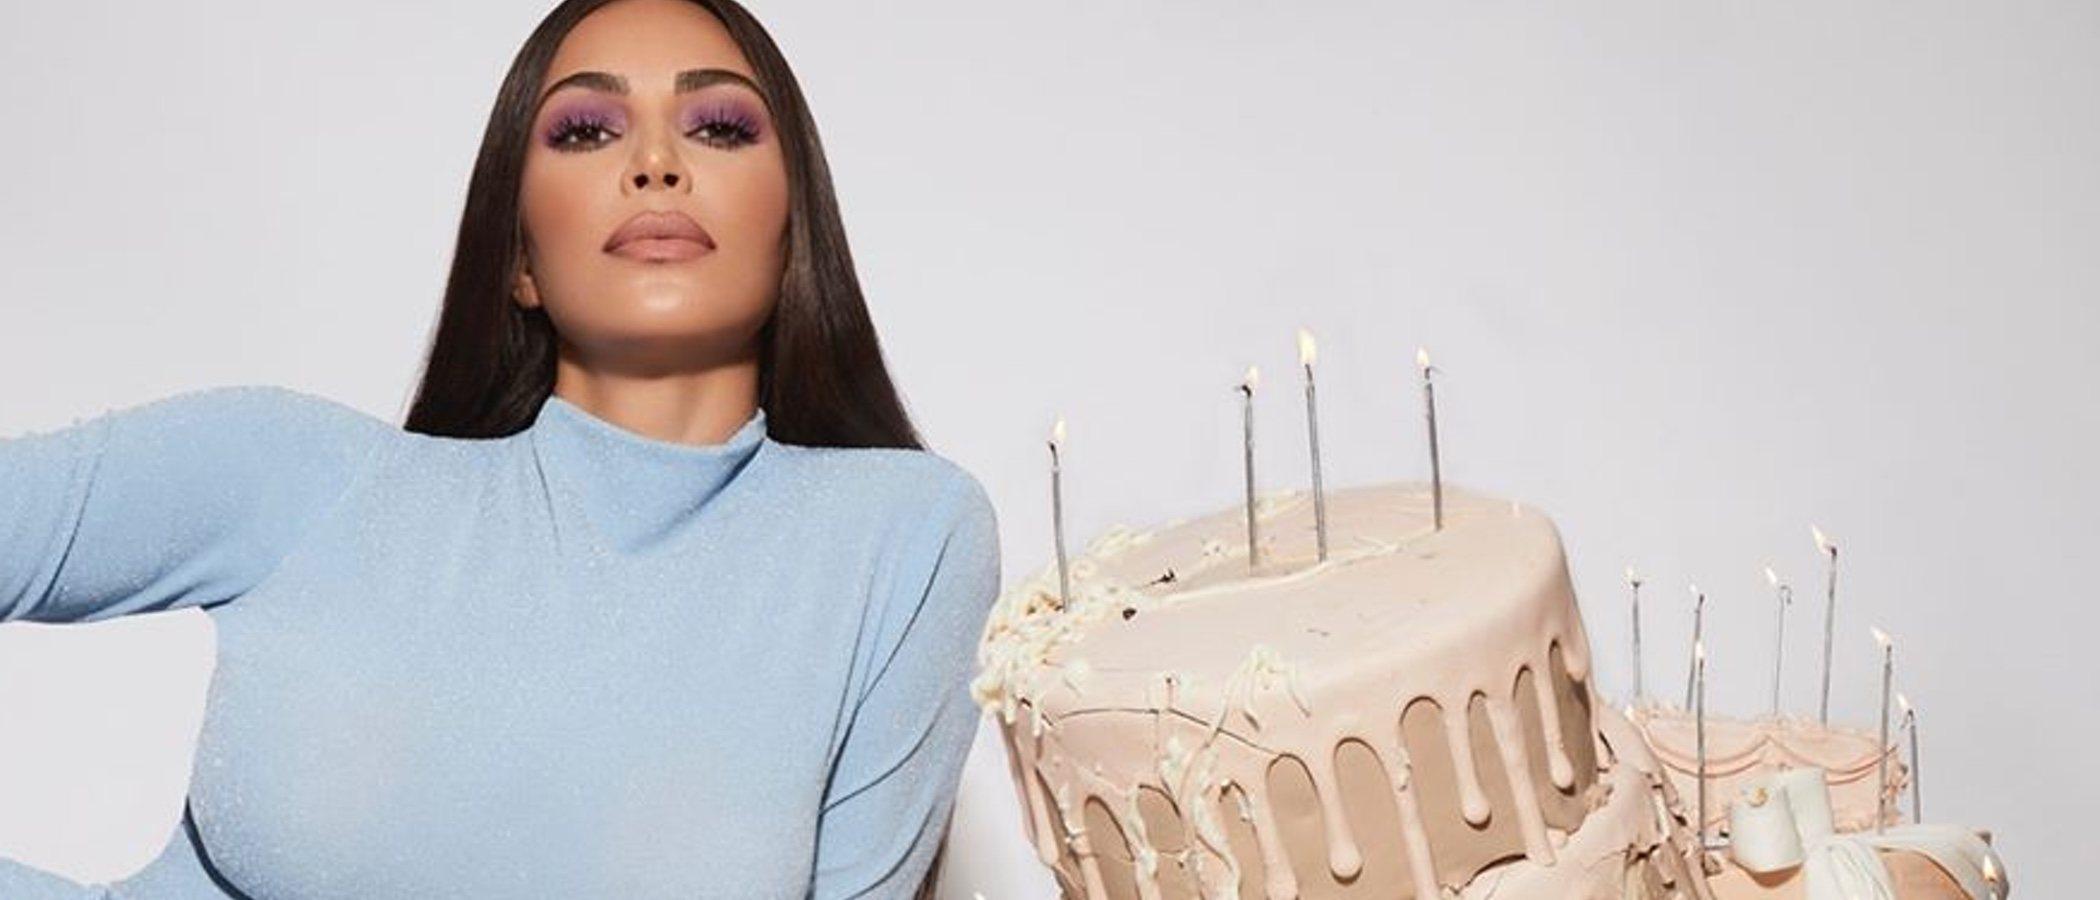 Así es 'The Opalescent Collection', la colección de maquillaje de Kim Kardashian por su 40 cumpleaños